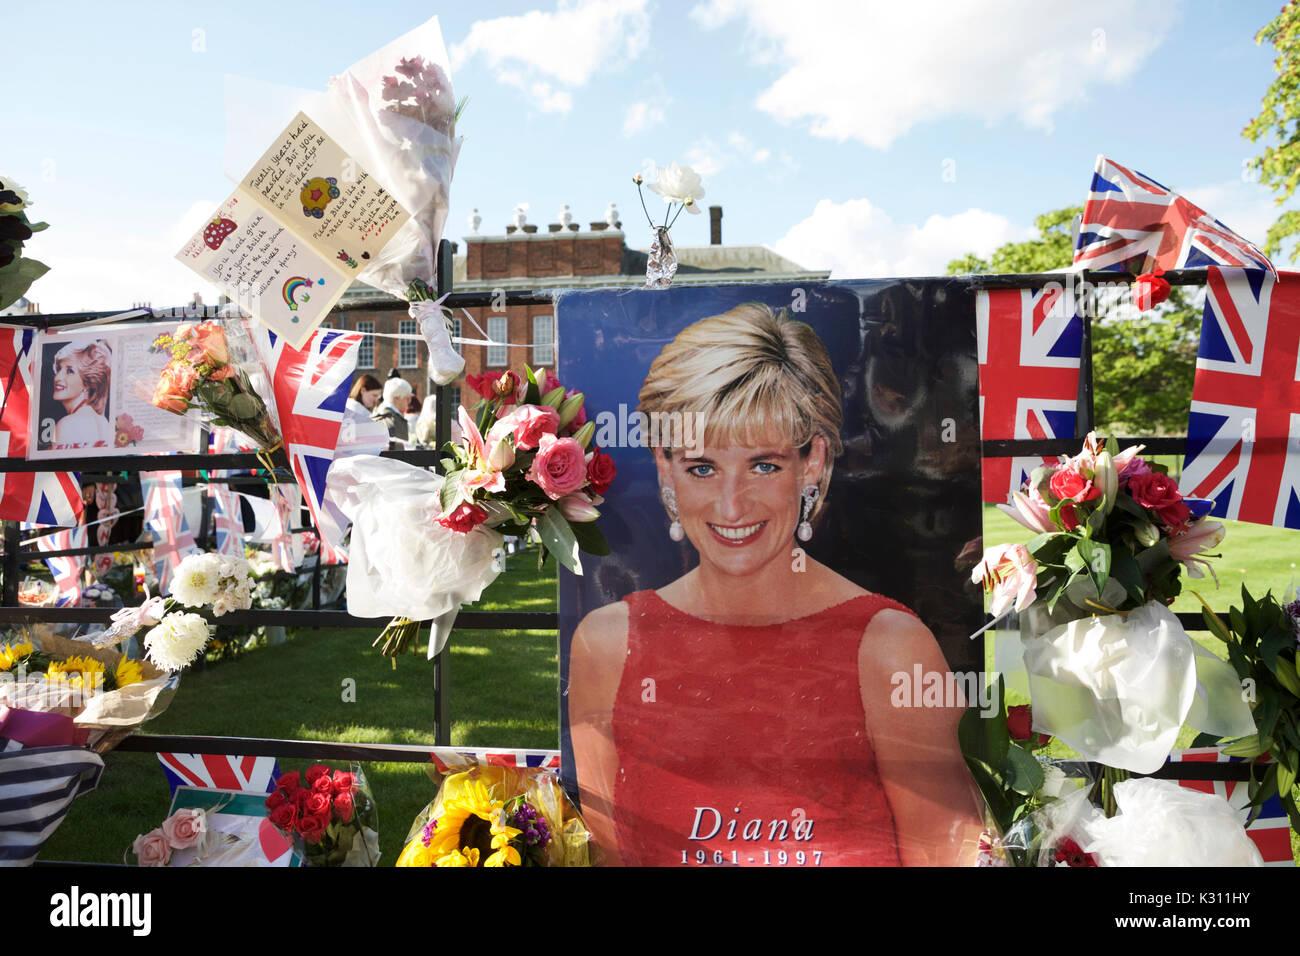 Londres, Royaume-Uni. 31 août 2017. Hommages à la princesse Diana, à l'extérieur des portes de Kensington Palace, à l'occasion du 20ème anniversaire de sa mort. Banque D'Images